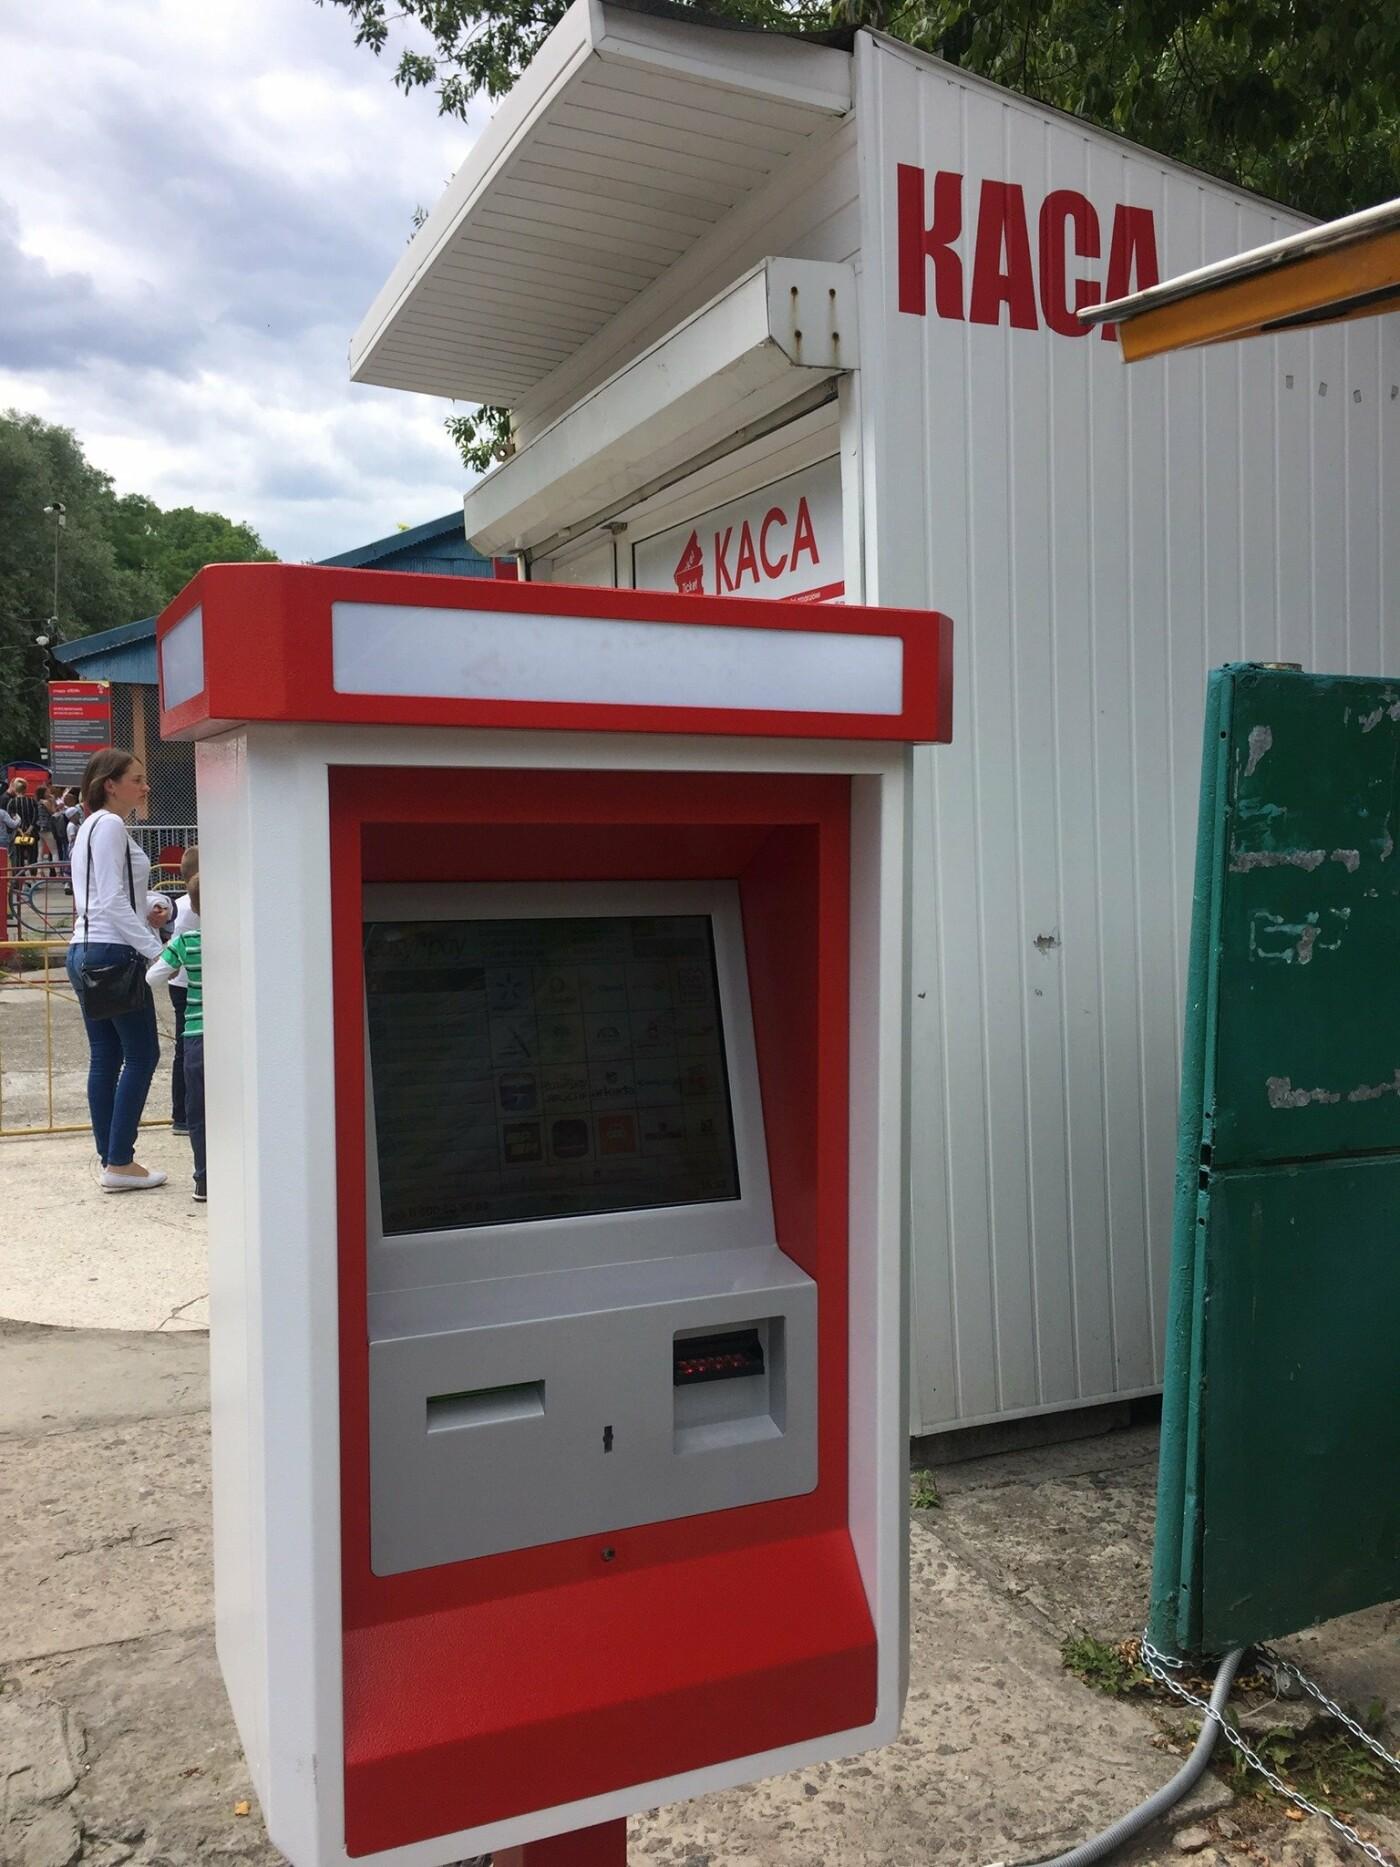 У Львові у Парку культури встановили термінал для купівлі квитків, фото-3